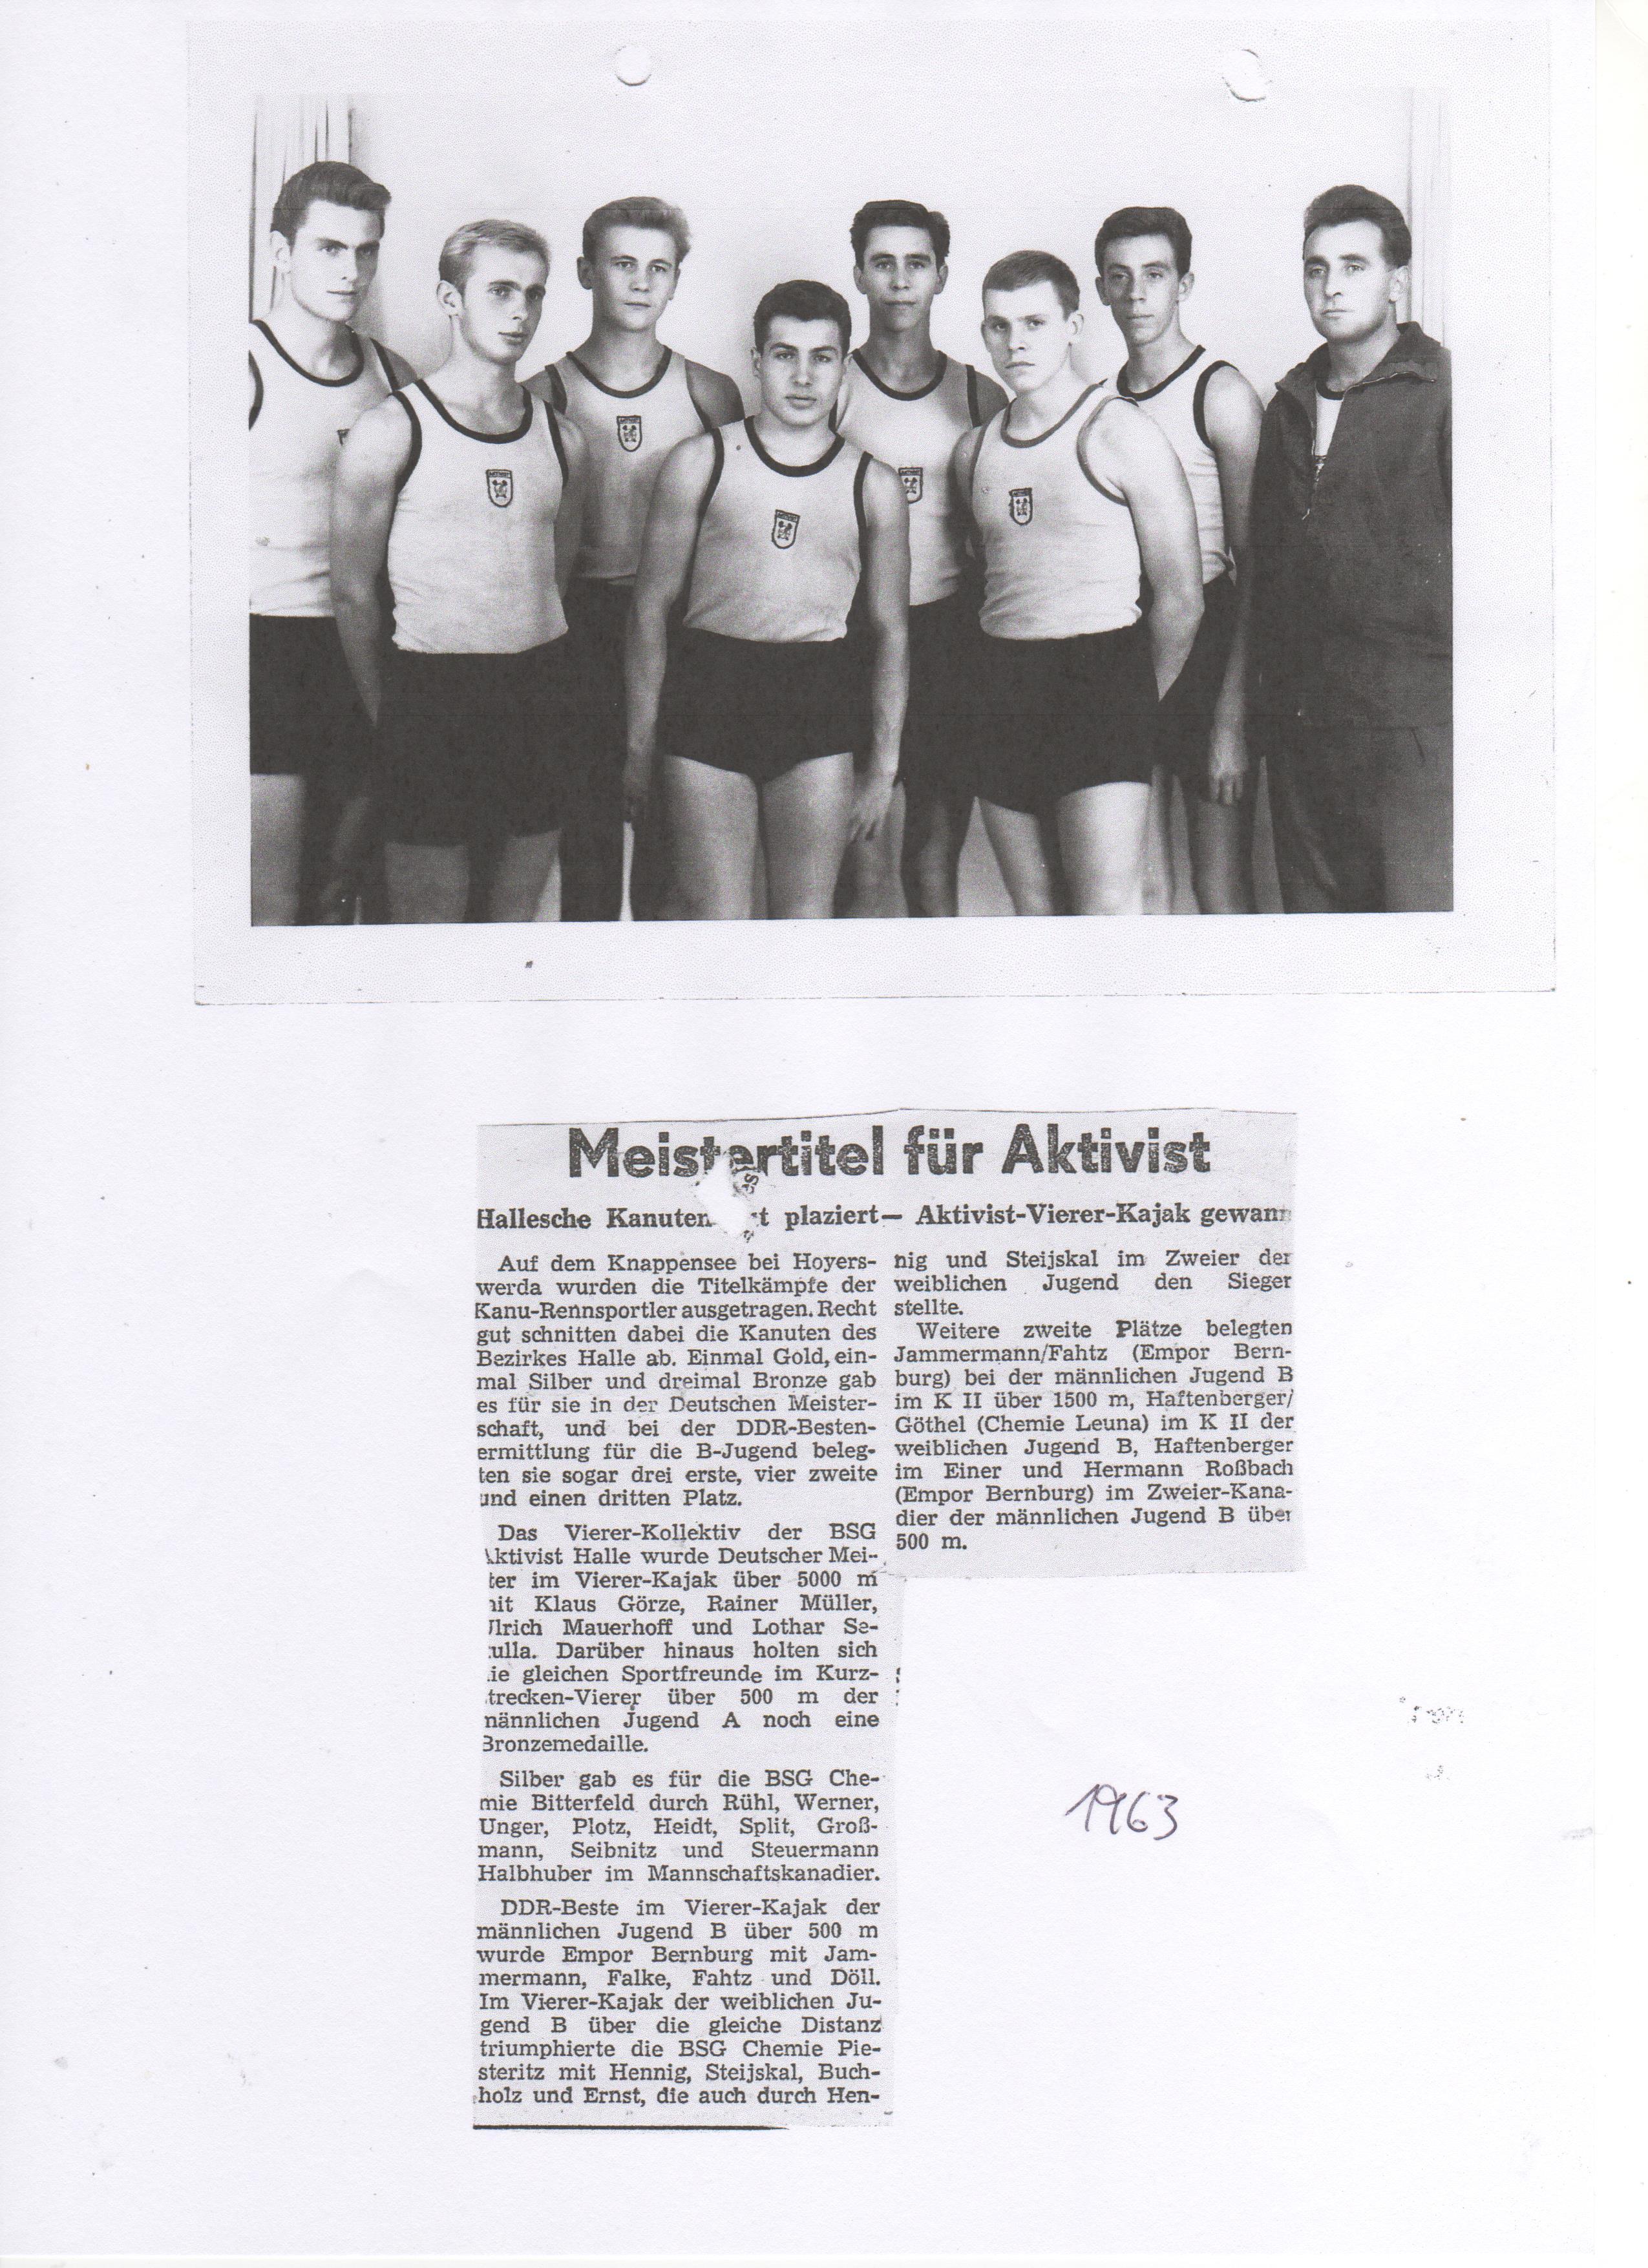 1963 Meistertitel für Aktivist